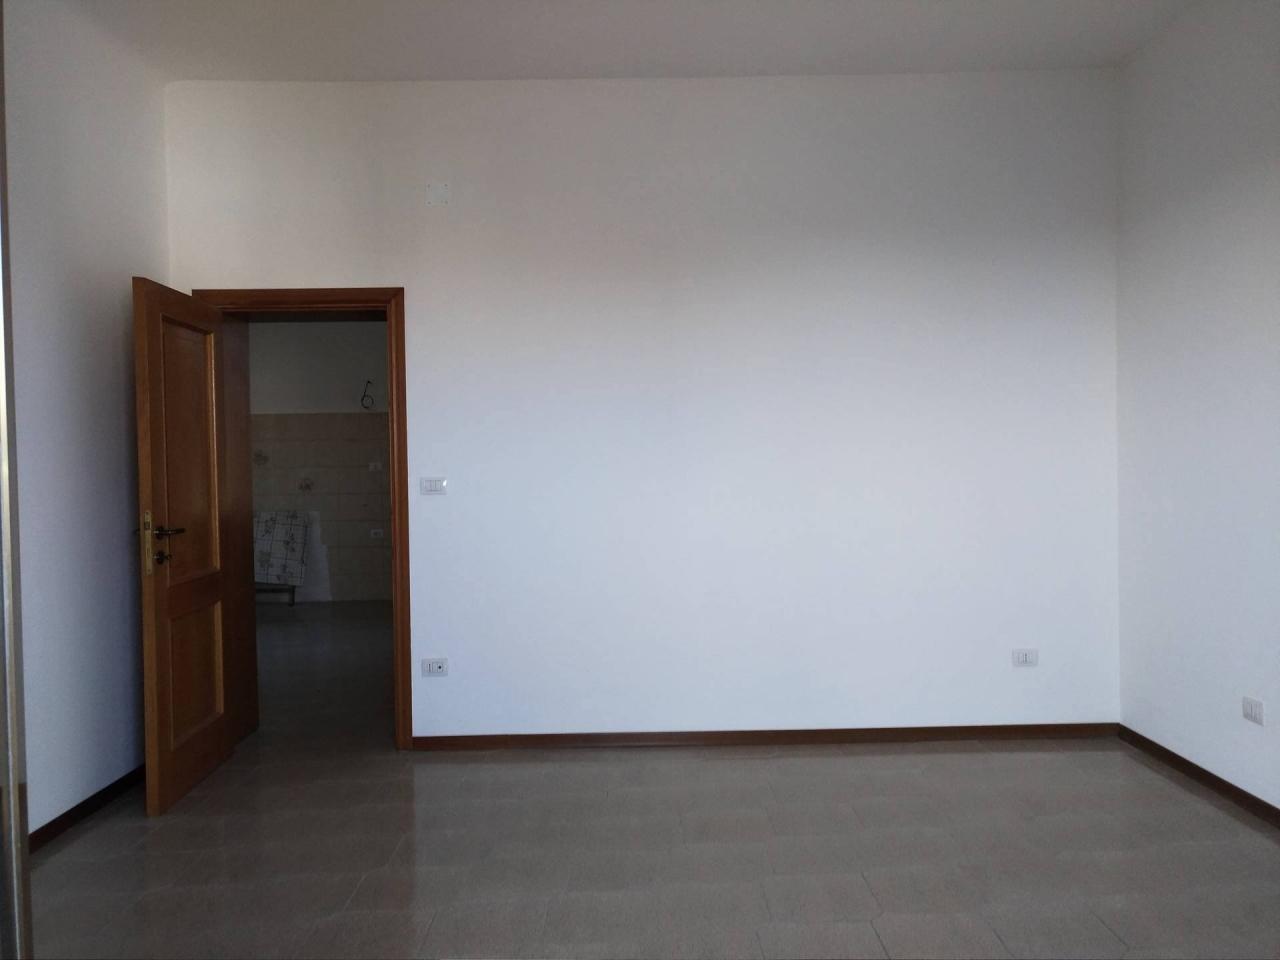 Appartamento in affitto a Maiolati Spontini, 3 locali, prezzo € 350 | Cambio Casa.it